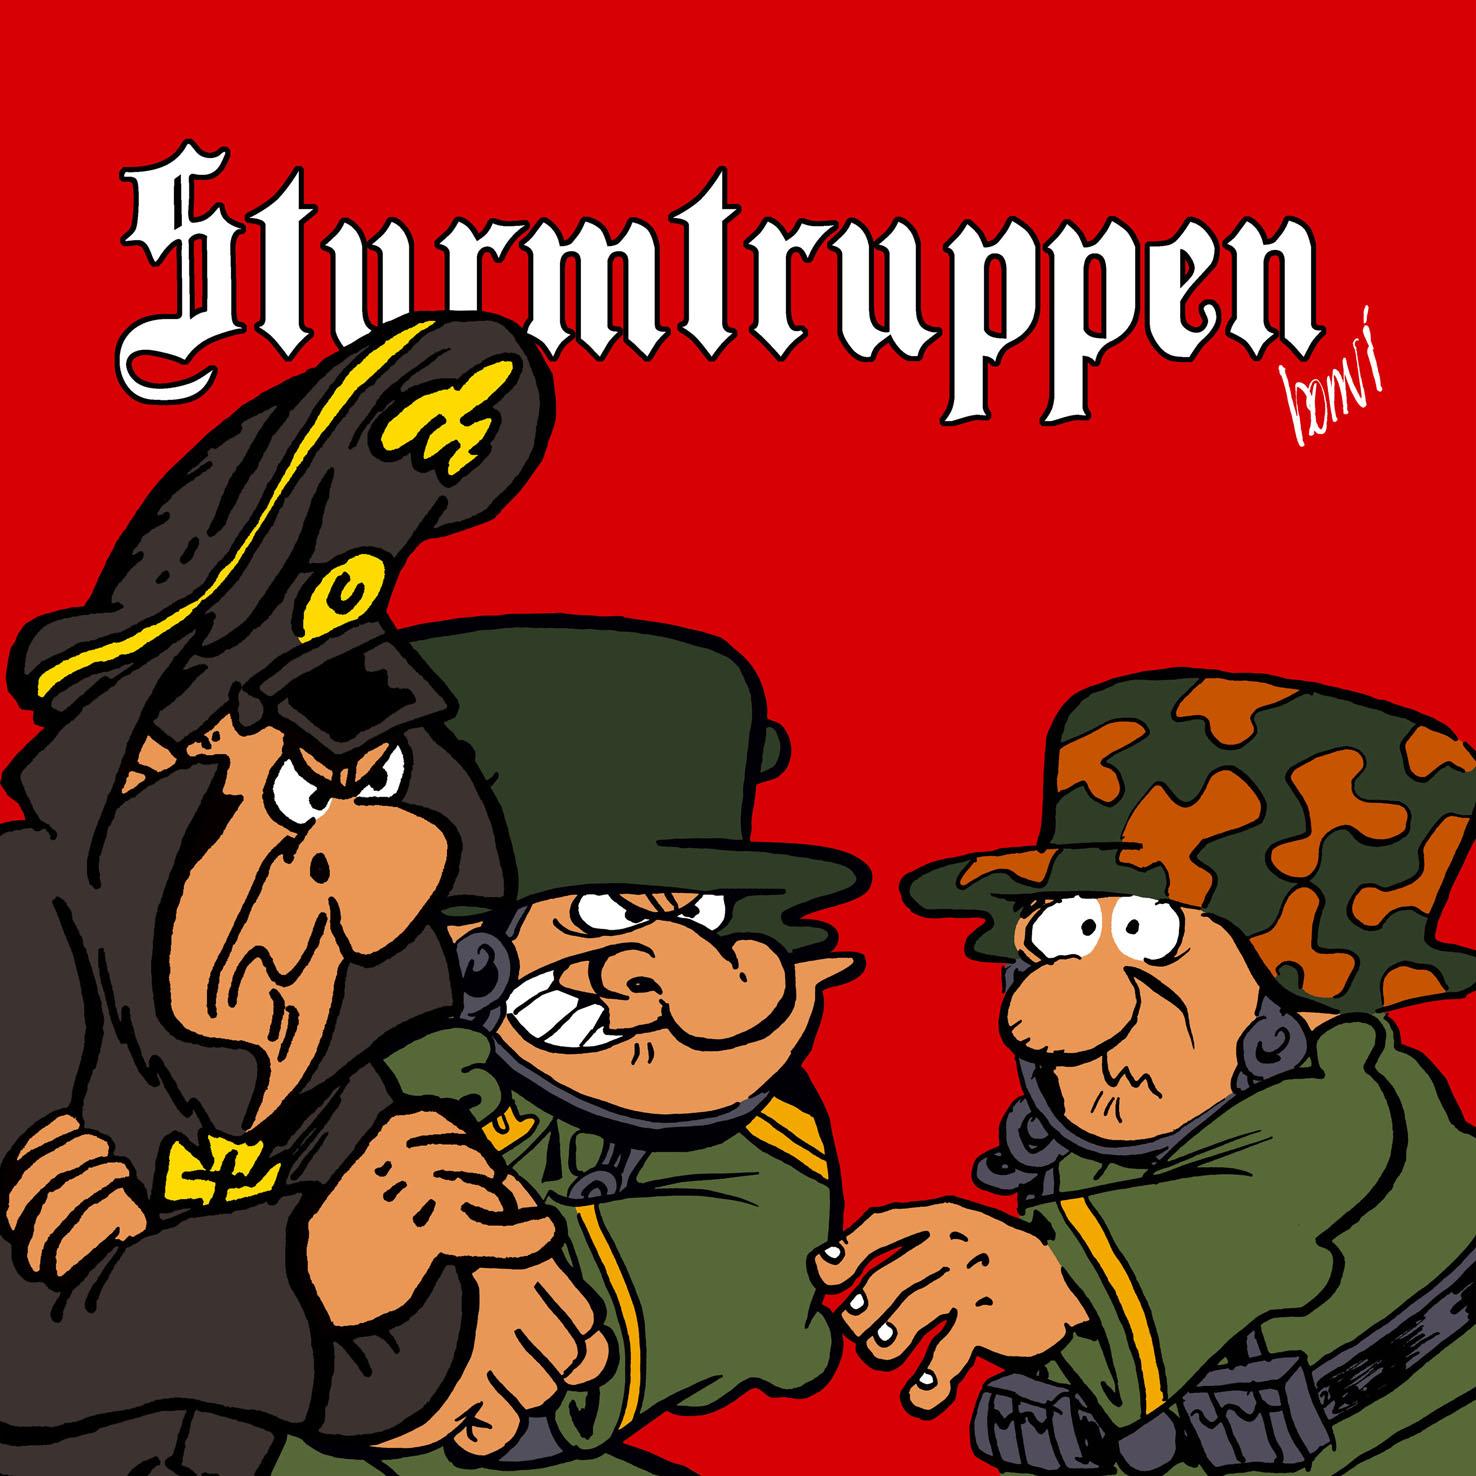 Eroico assalto delle Strumtruppen al Festival di Annecy